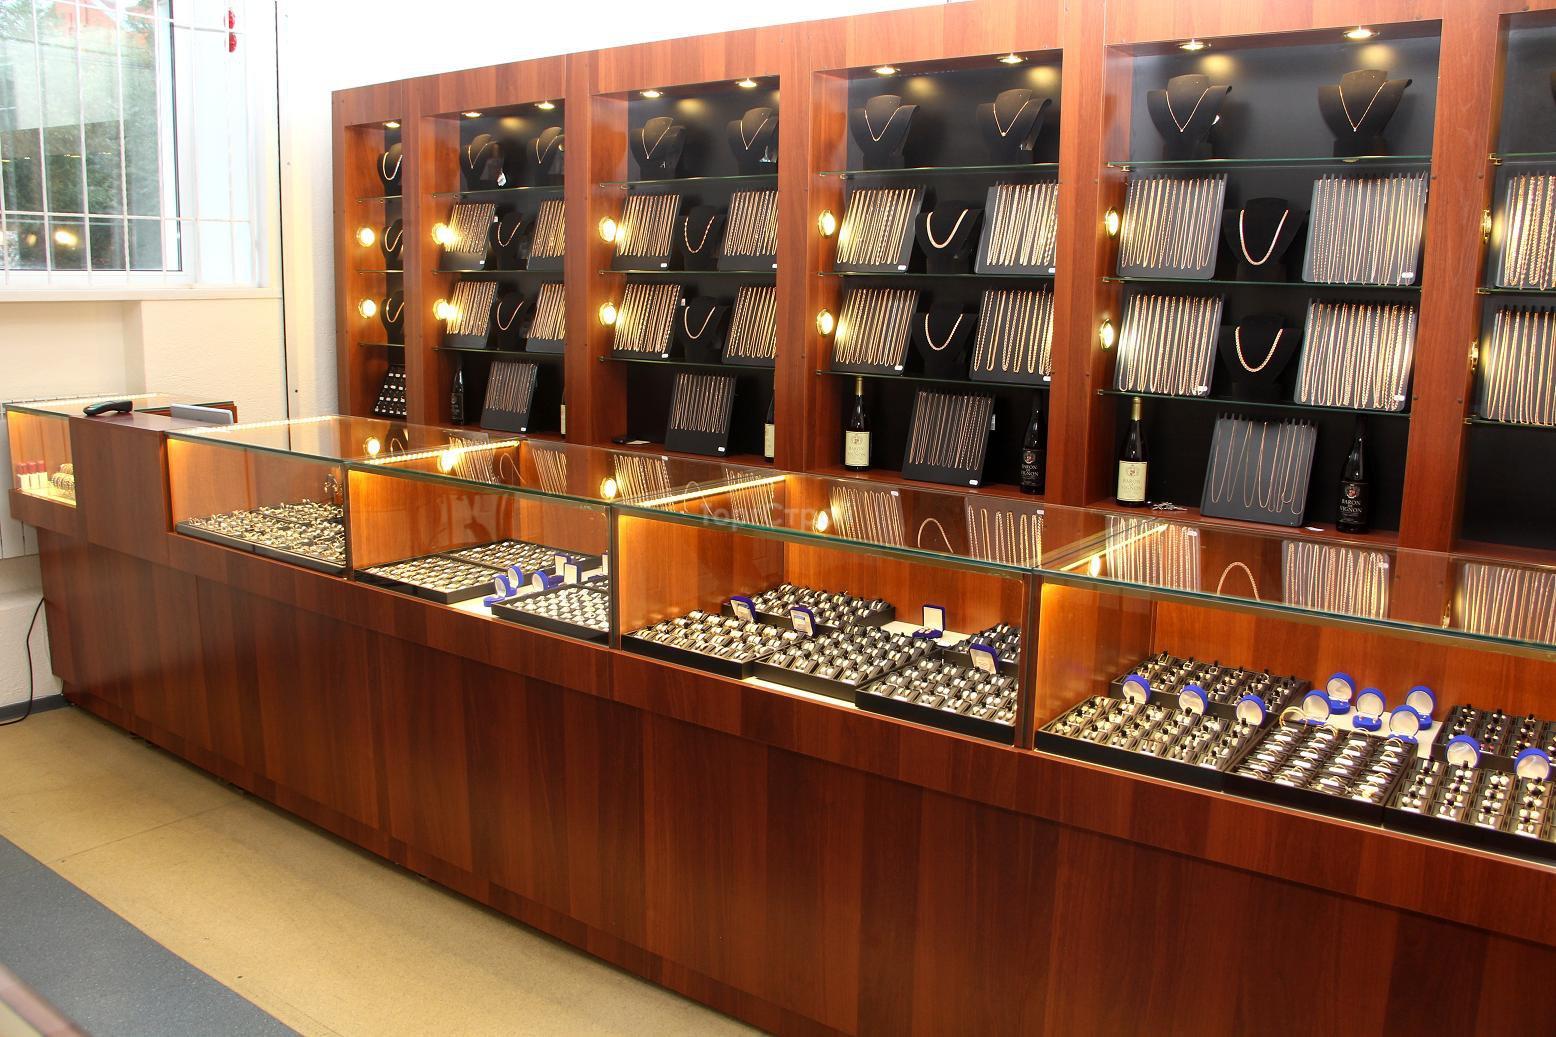 Ювелирный магазин линии любви сеть ювелирных салонов